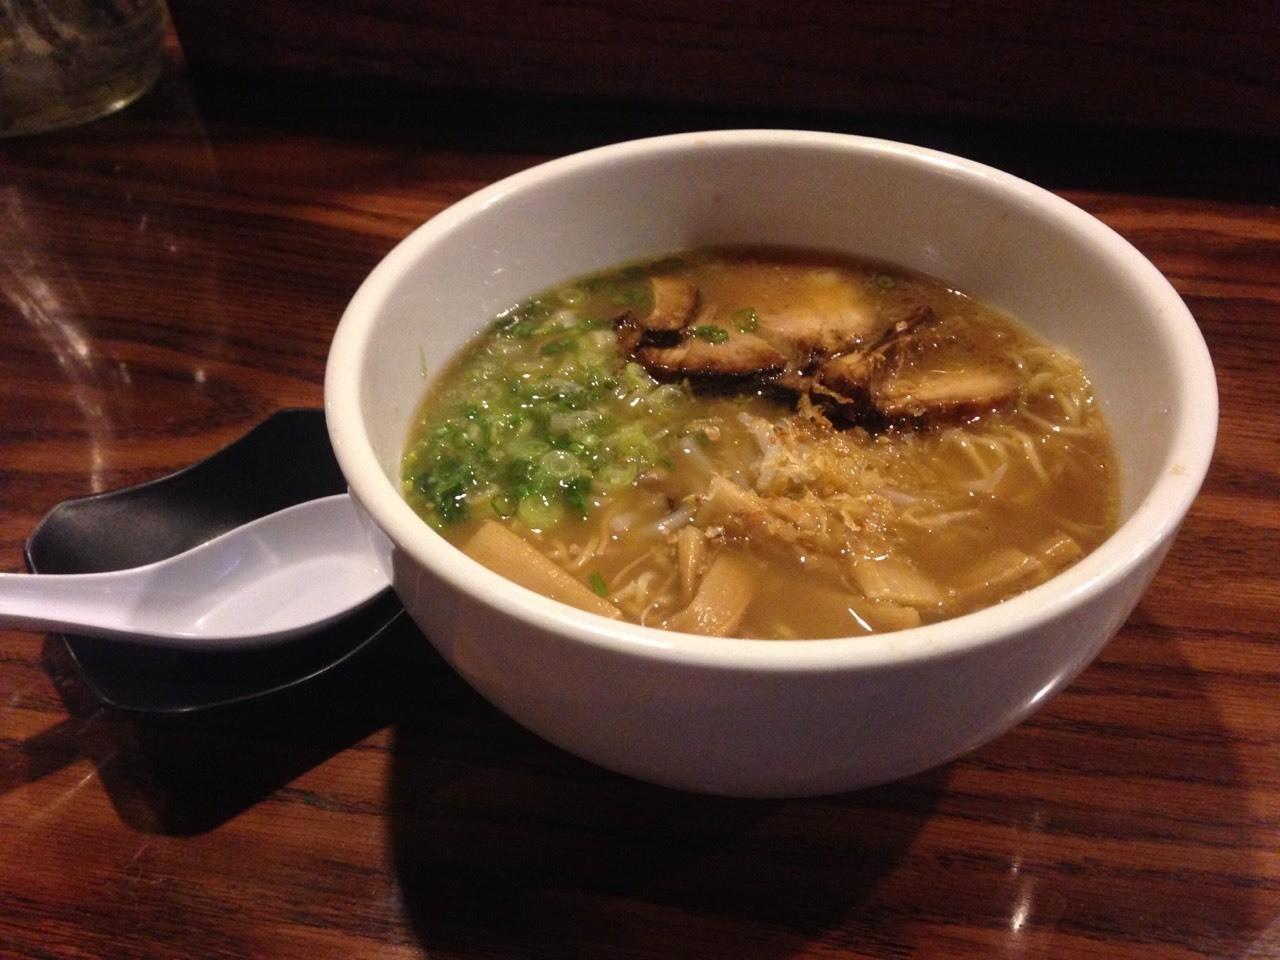 LA little Tokyo 的日式拉面。越来越觉得日式拉面都是酱油味了哈哈哈